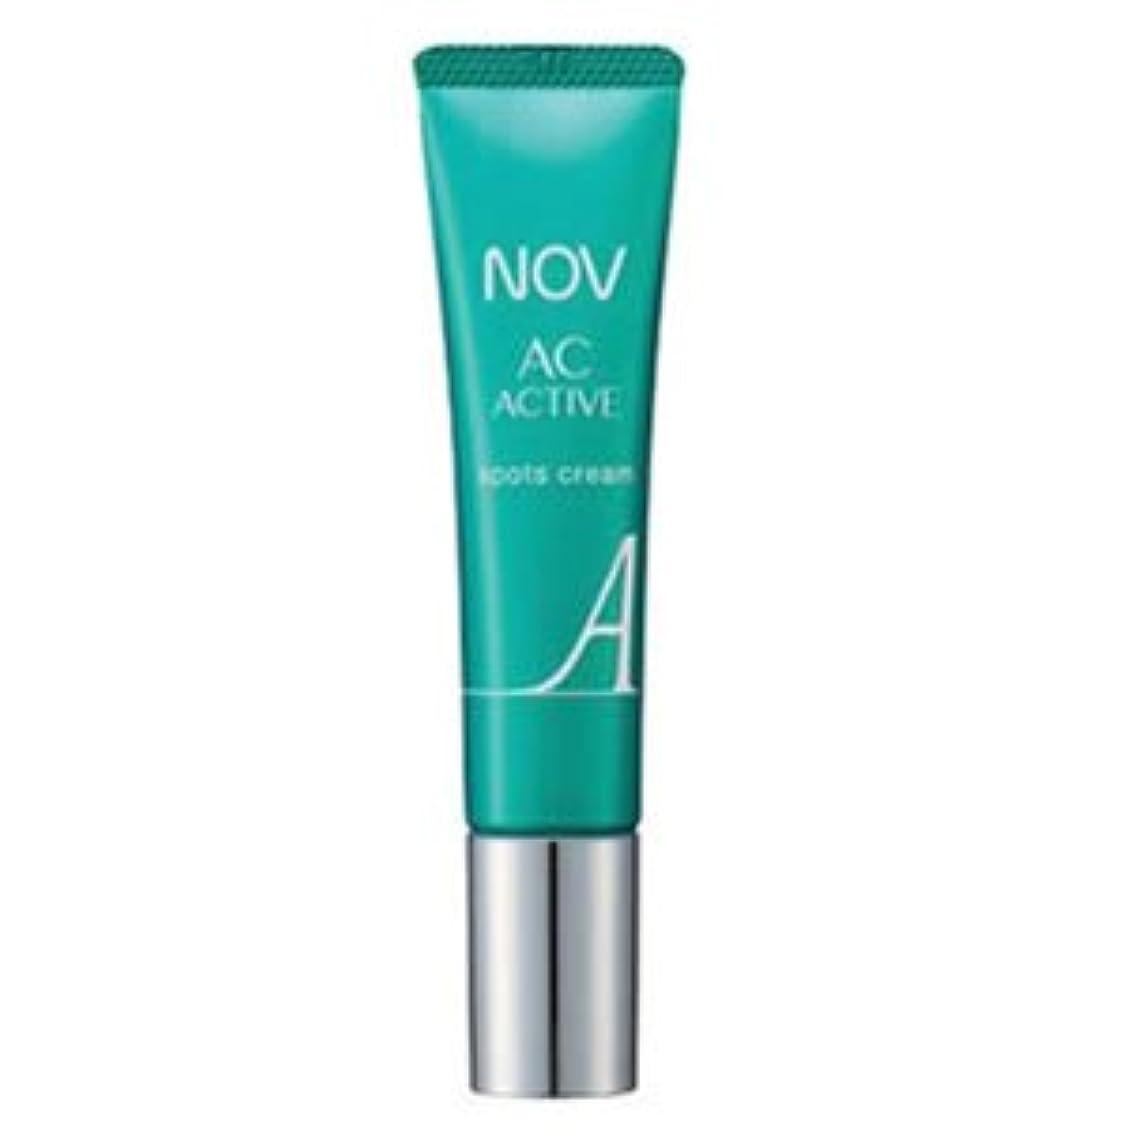 辛な同盟楕円形NOV ノブ ACアクティブ スポッツクリーム n 10g 医薬部外品